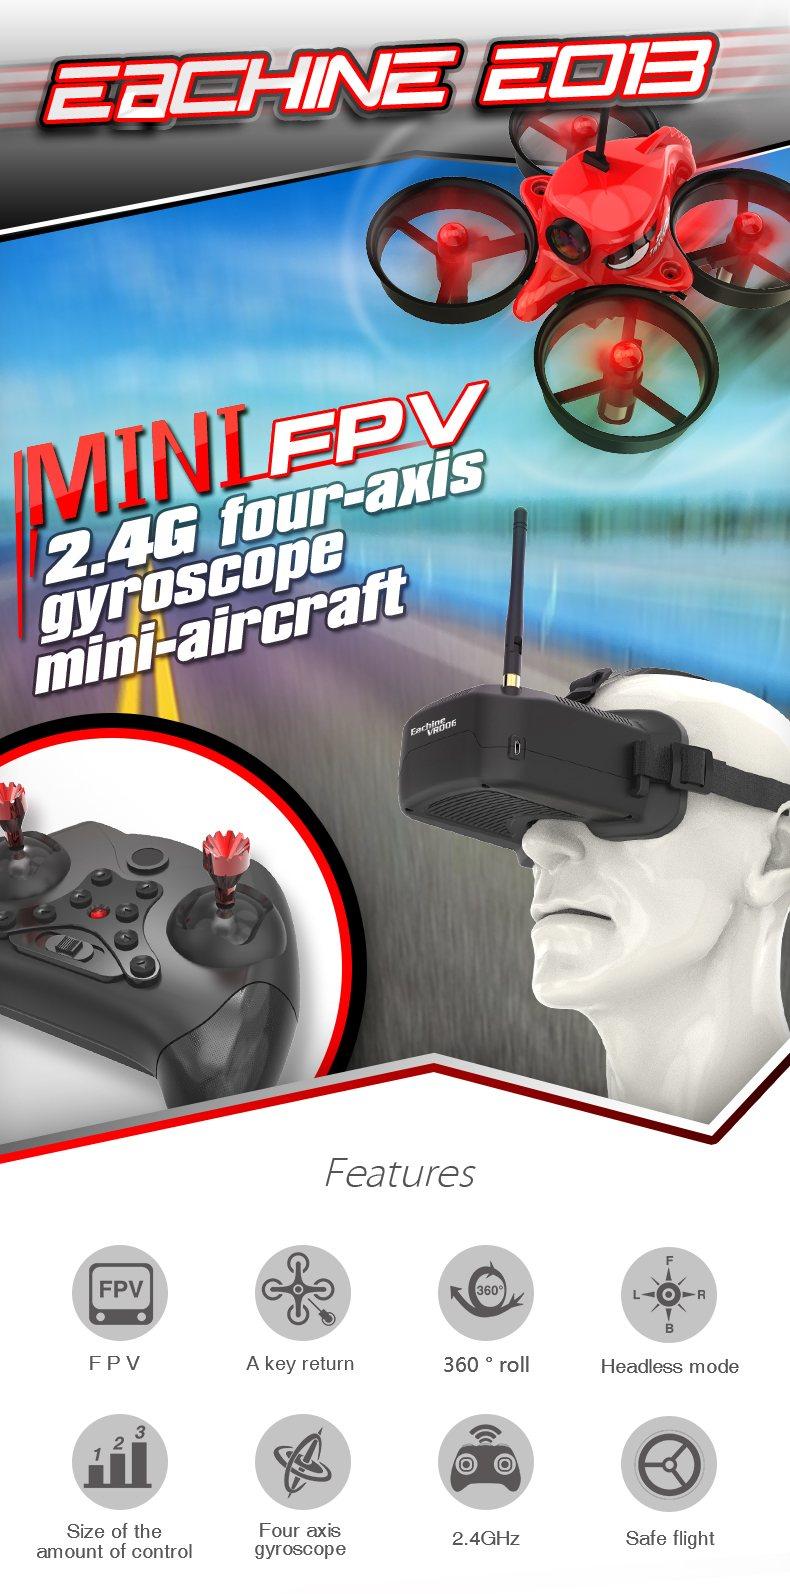 Квадрокоптер с очками виртуальной реальности Eachine E013 купить на Алиэкспресс